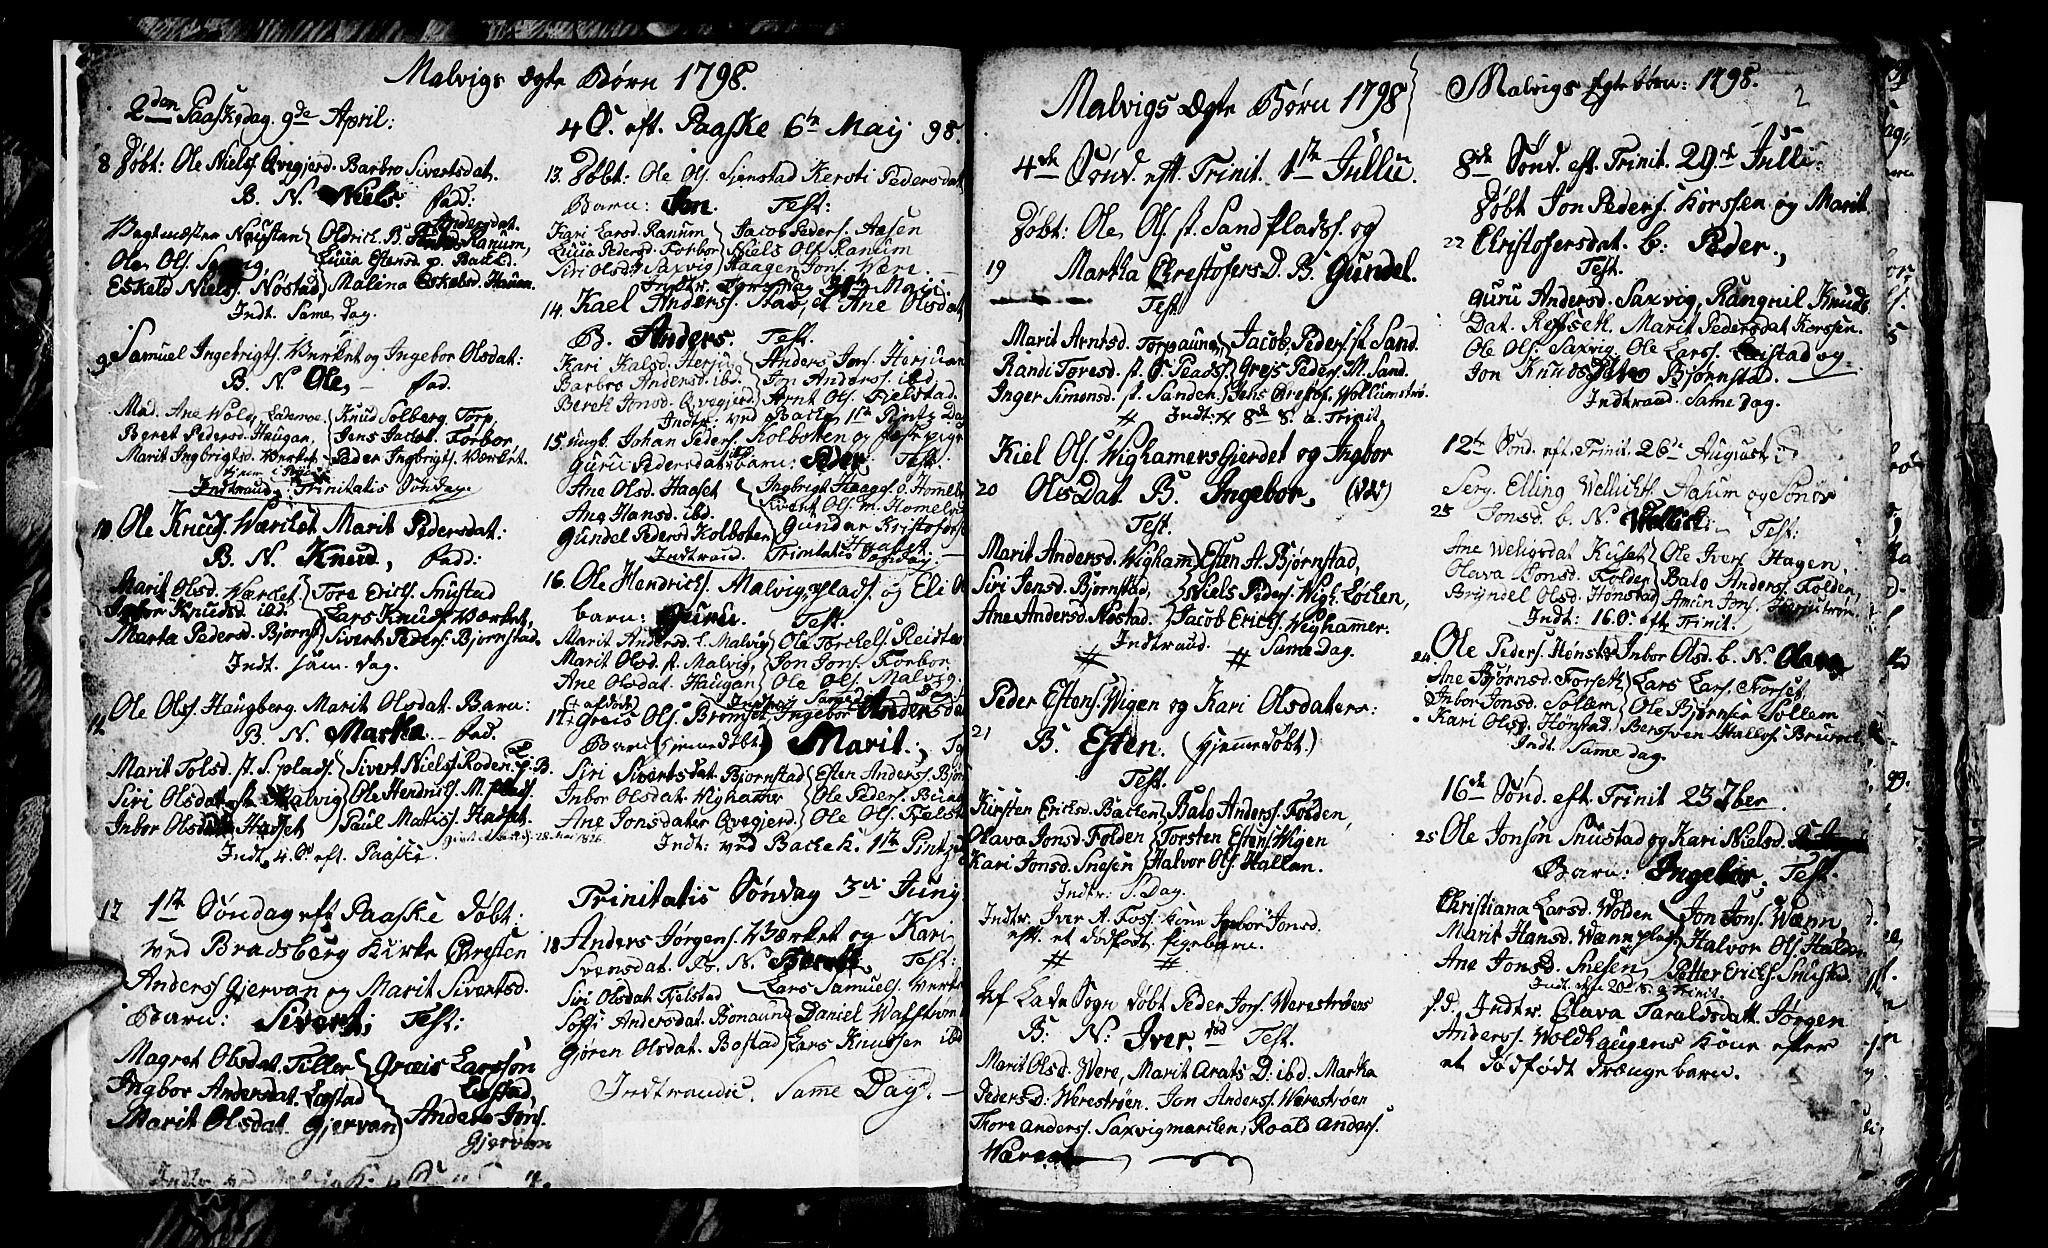 SAT, Ministerialprotokoller, klokkerbøker og fødselsregistre - Sør-Trøndelag, 616/L0419: Klokkerbok nr. 616C02, 1797-1816, s. 2